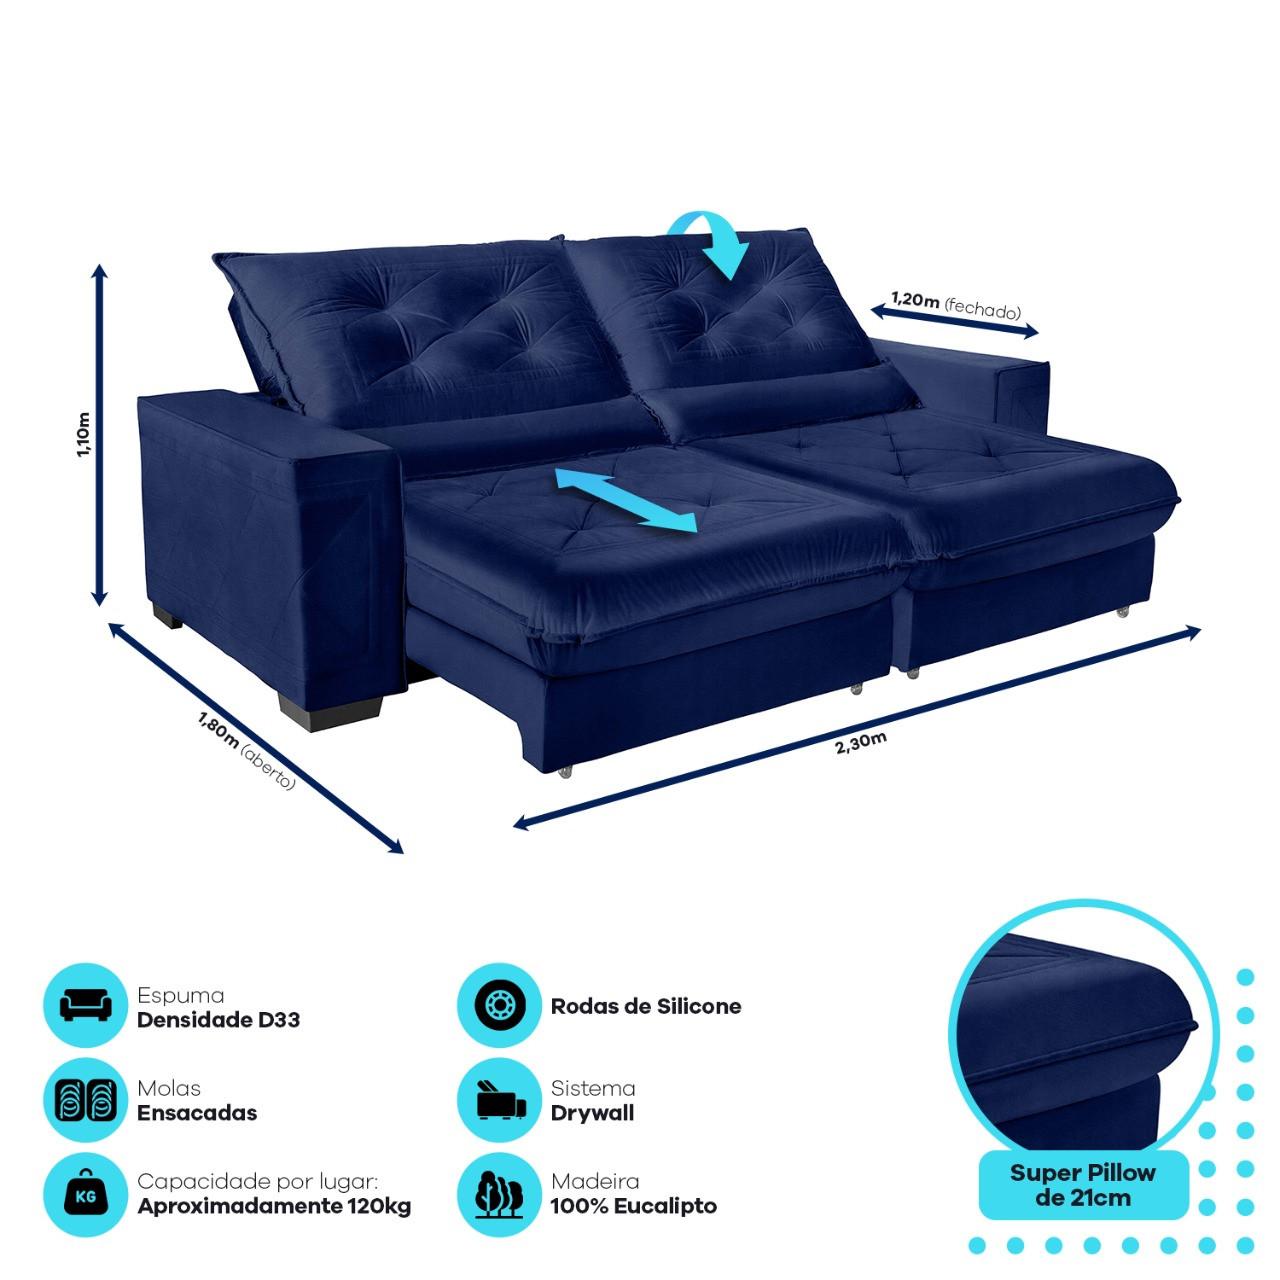 Sofá Cancún Retrátil/Reclinável 2,30m Suede Velusoft azul c/molas ensacadas e super pillow top - Sofá Casa